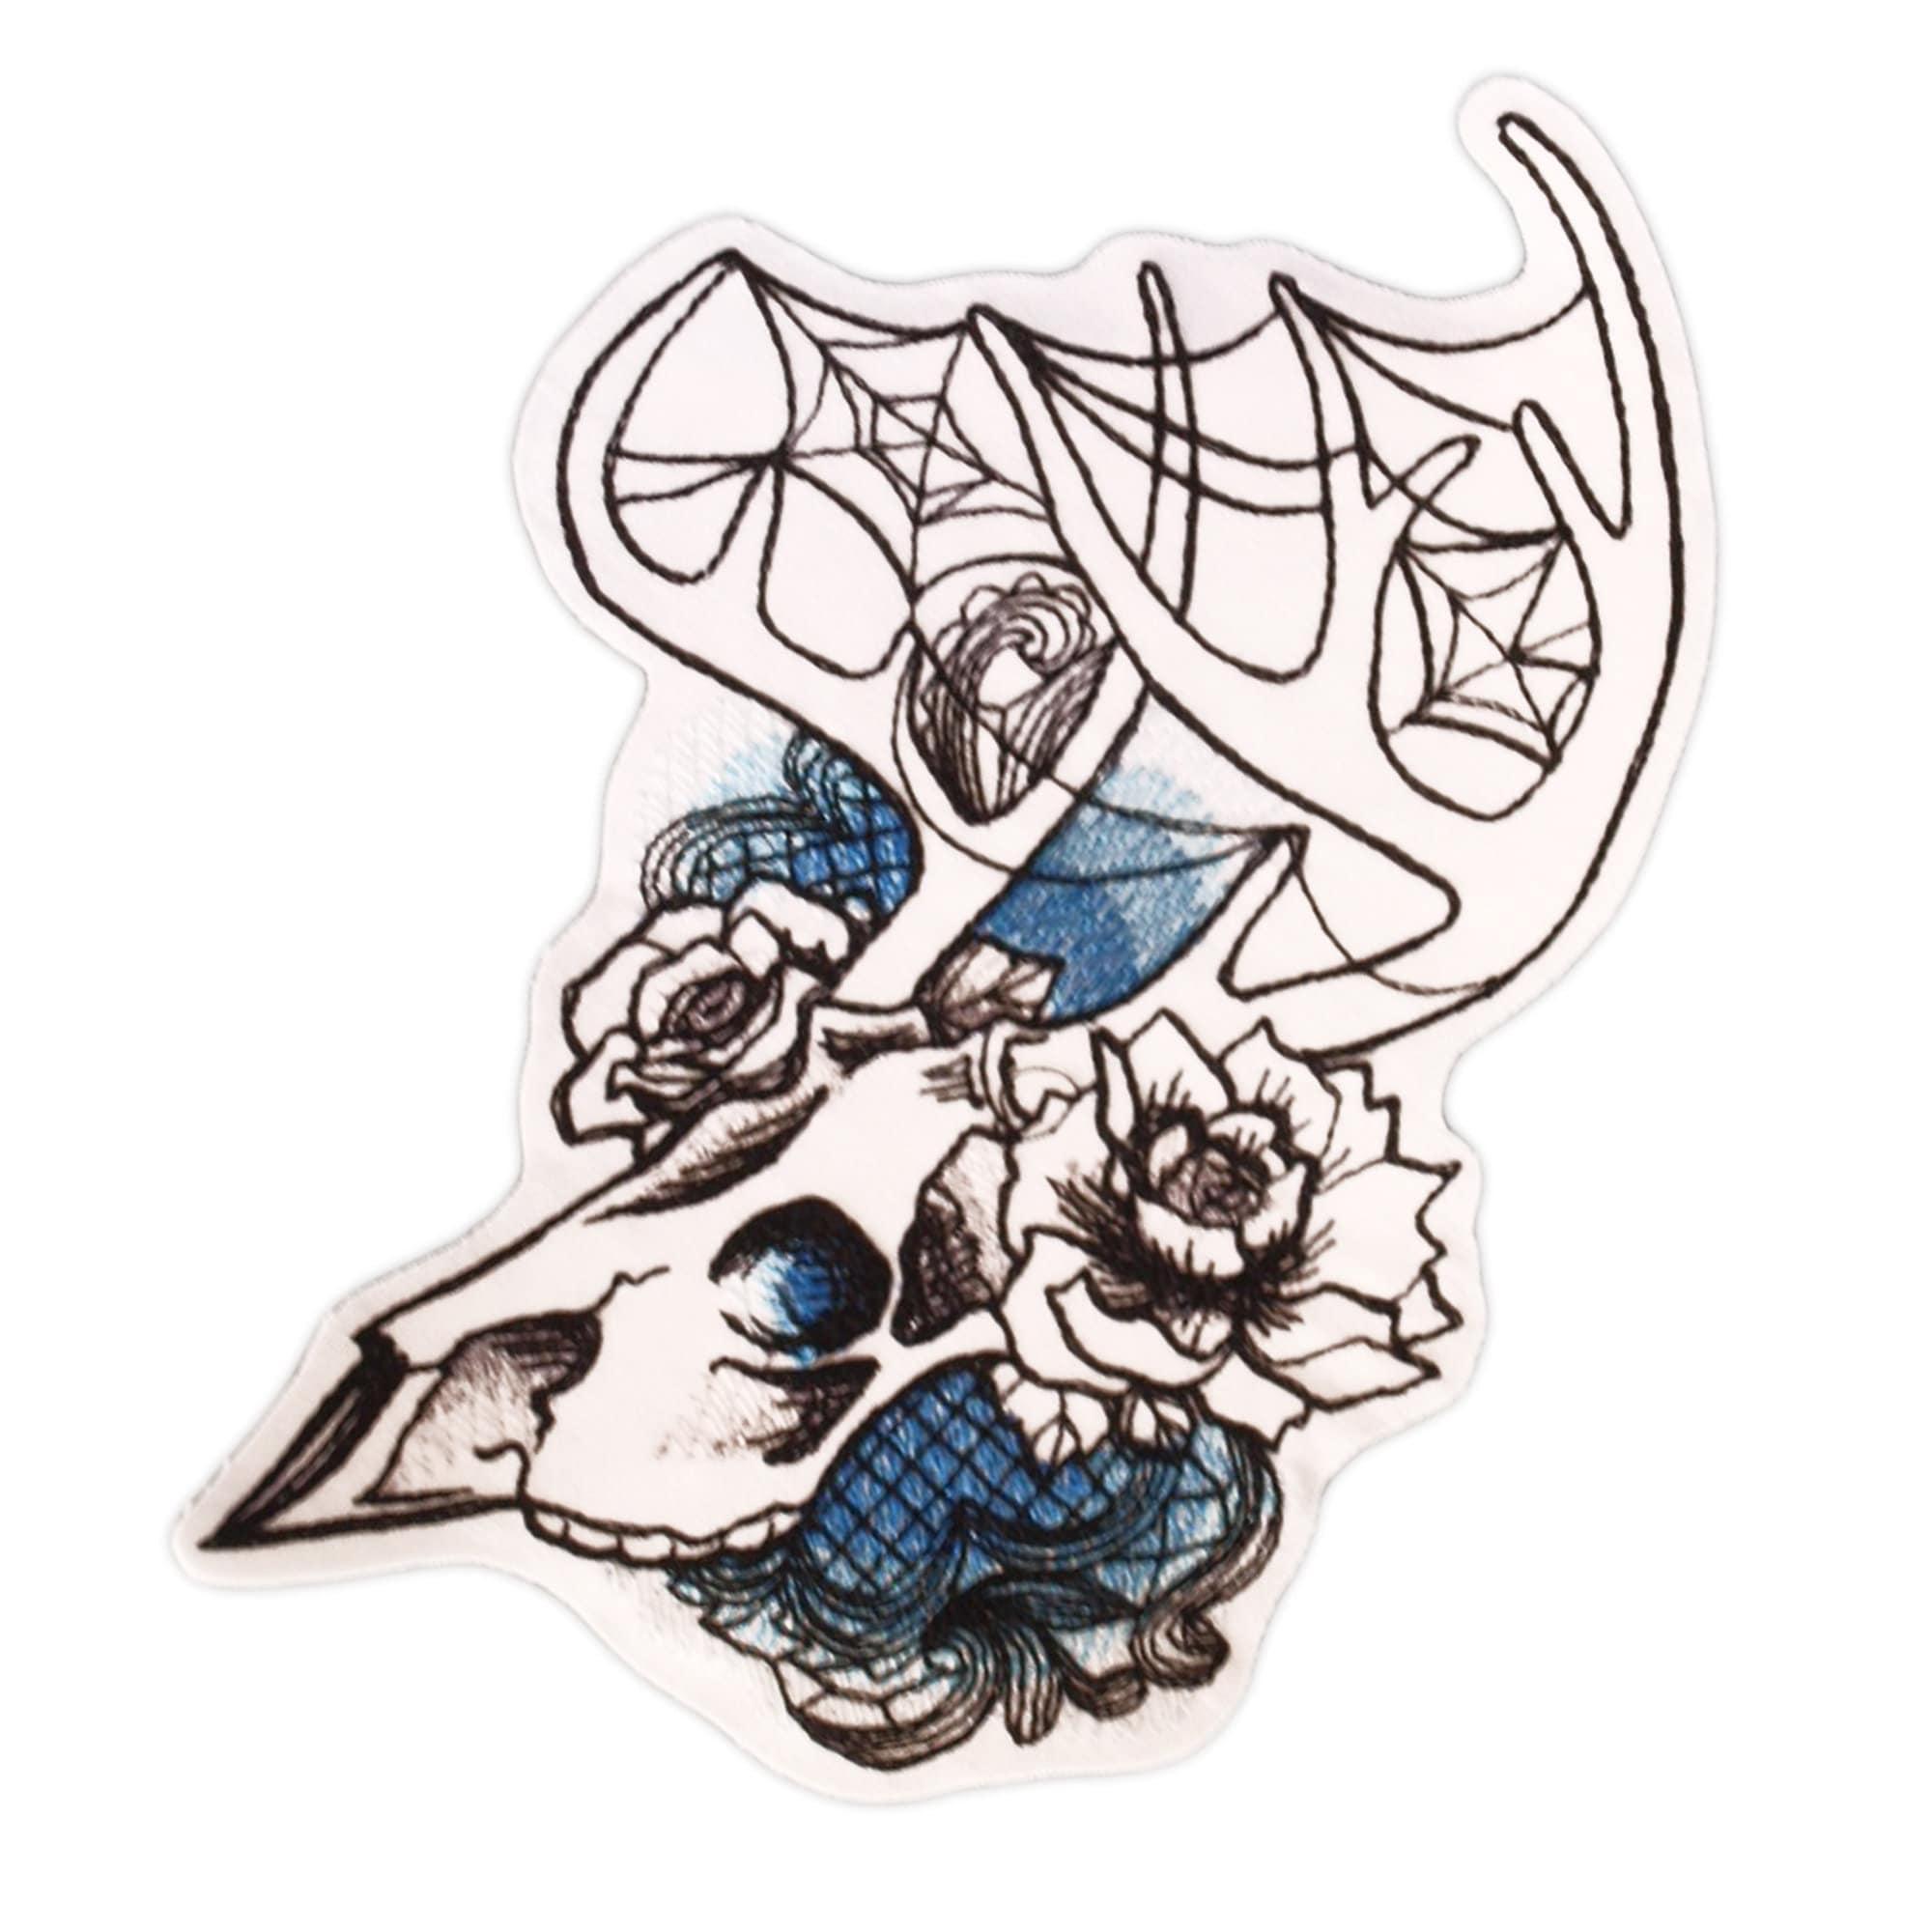 Skull sew on patch Deer Phantasm patch Deer iron on patch Skull adhesive Gothic Deer patch Deer patch Deer sew on Deer skull Patch